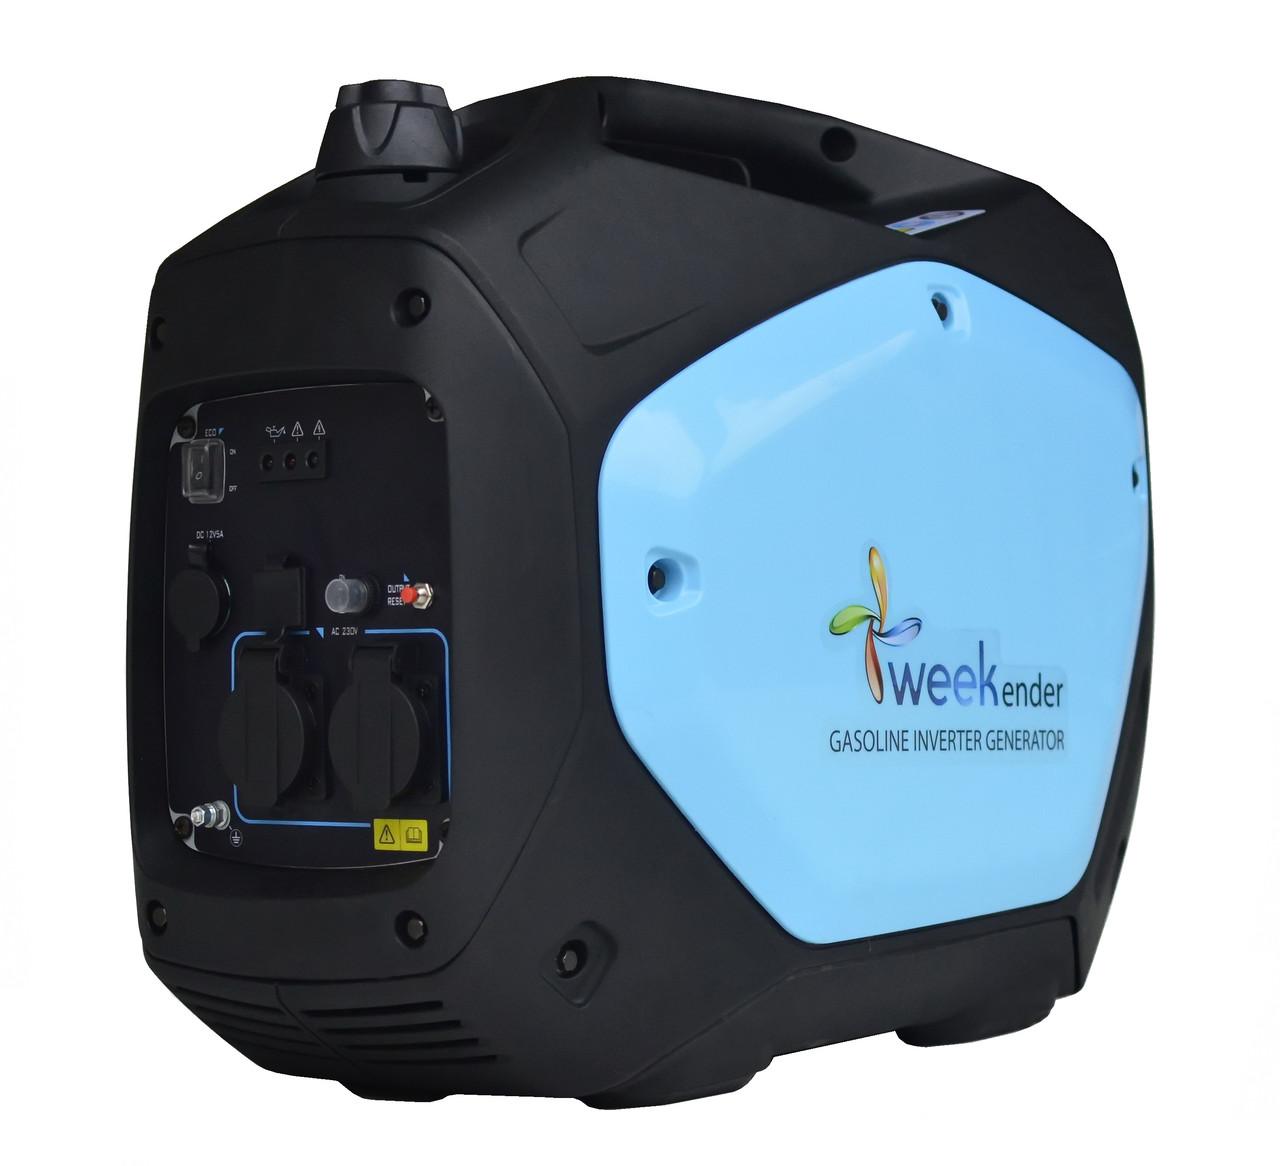 Генератор-инвертор Weekender 2,2 кВт GS2200i w 2-е поколение